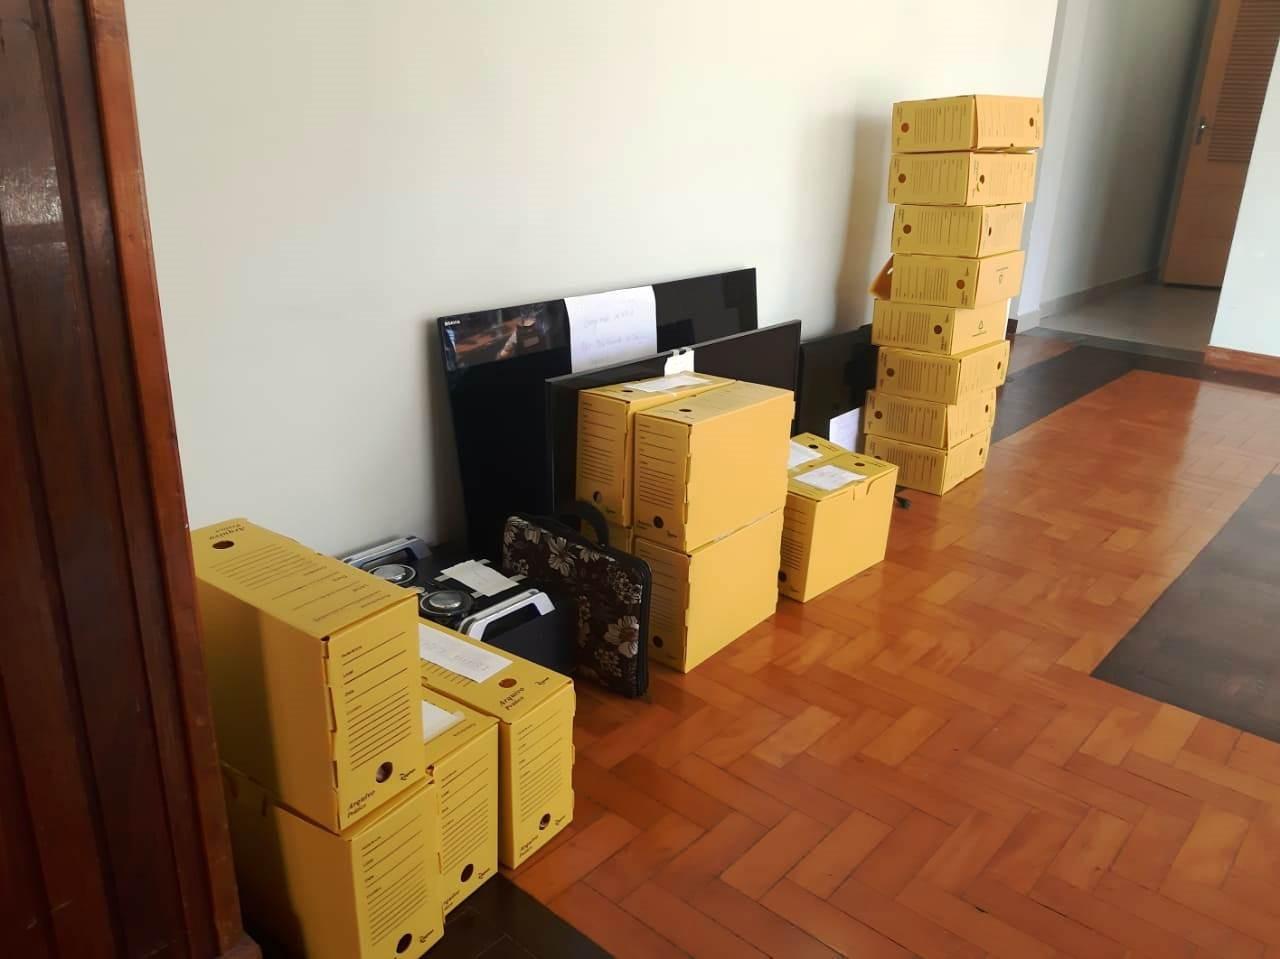 Operação 'Delivery' prende suspeitos de tráfico em Barbacena - Notícias - Plantão Diário